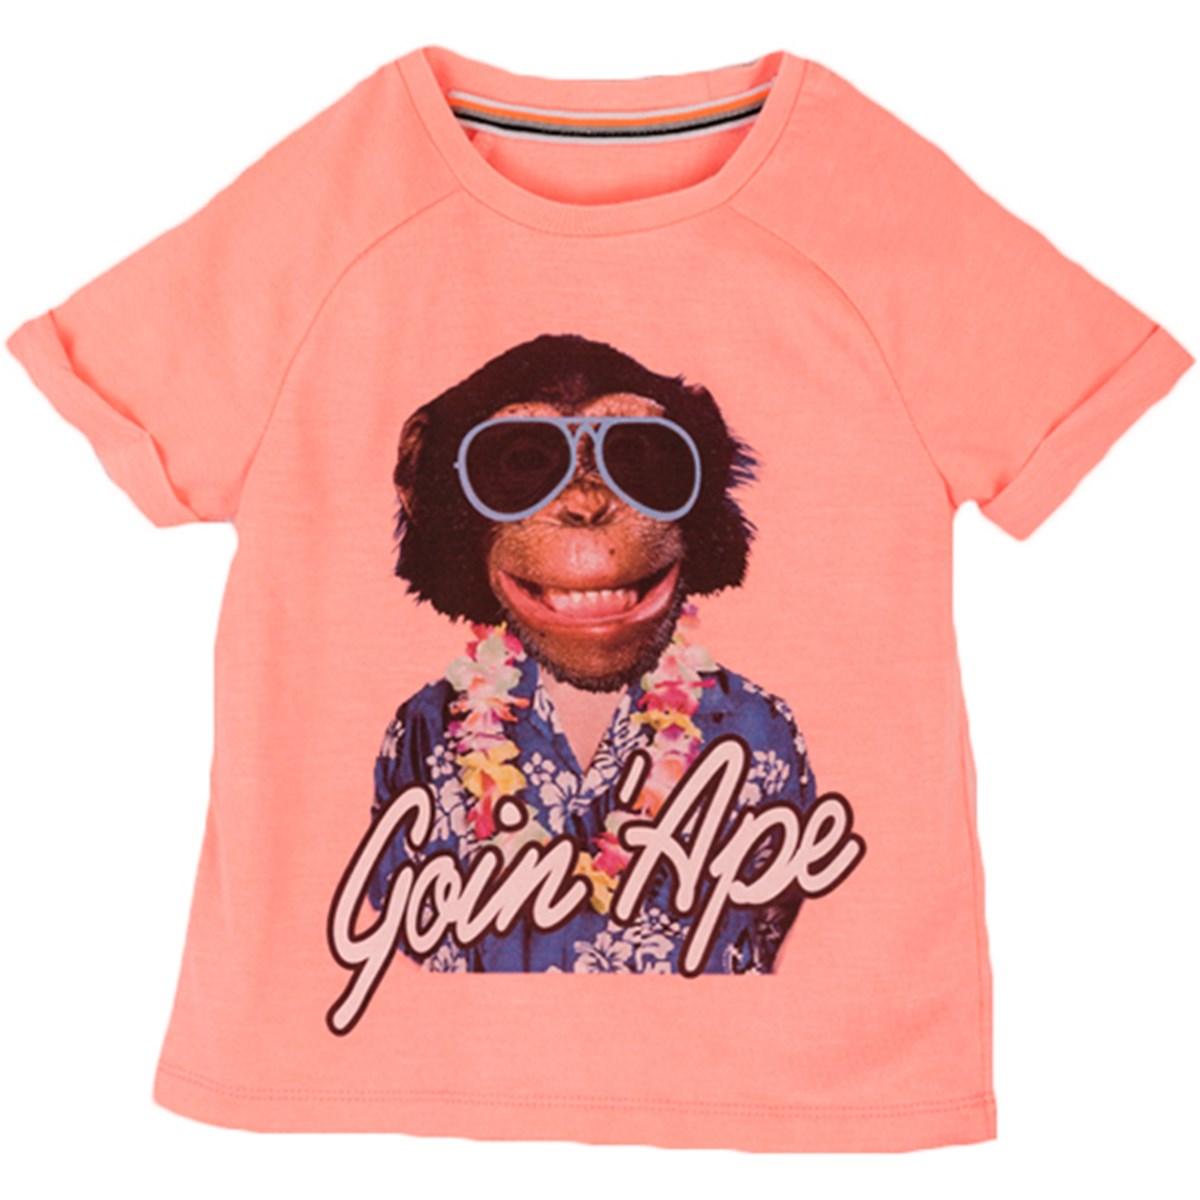 8715 Tshirt 1